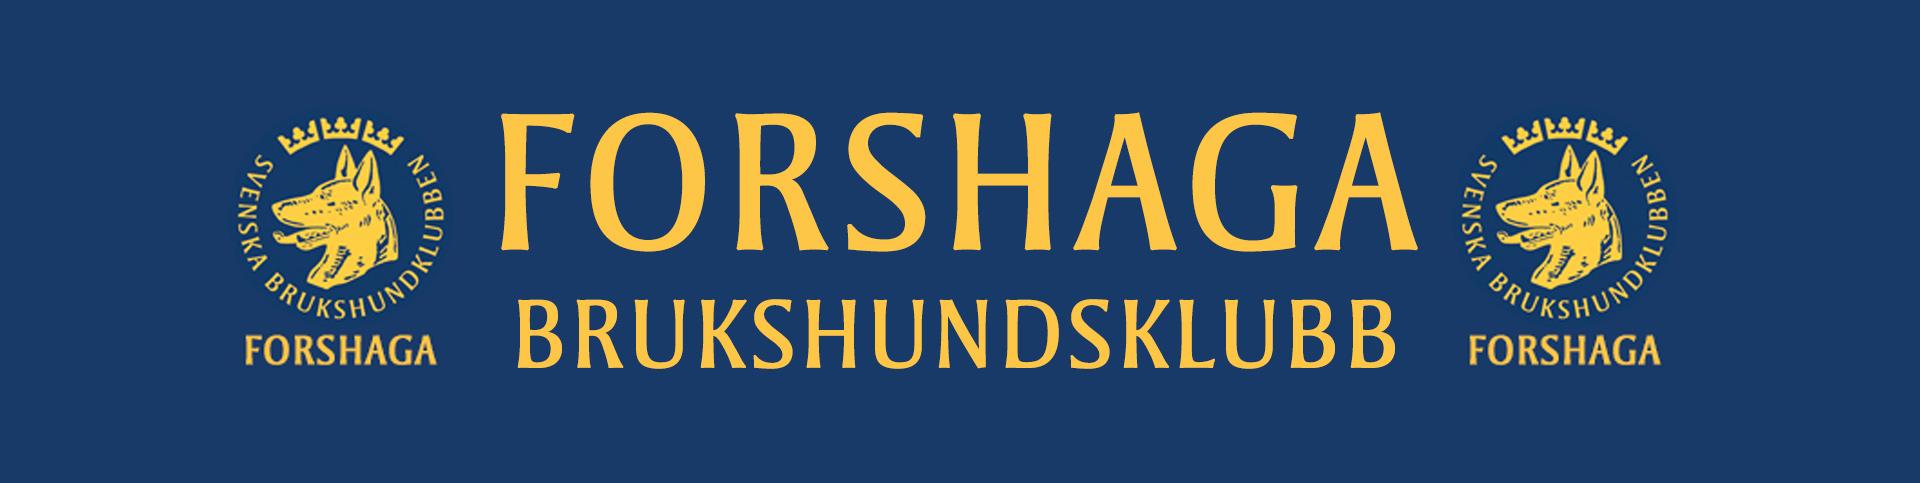 Forshaga Brukshundsklubb